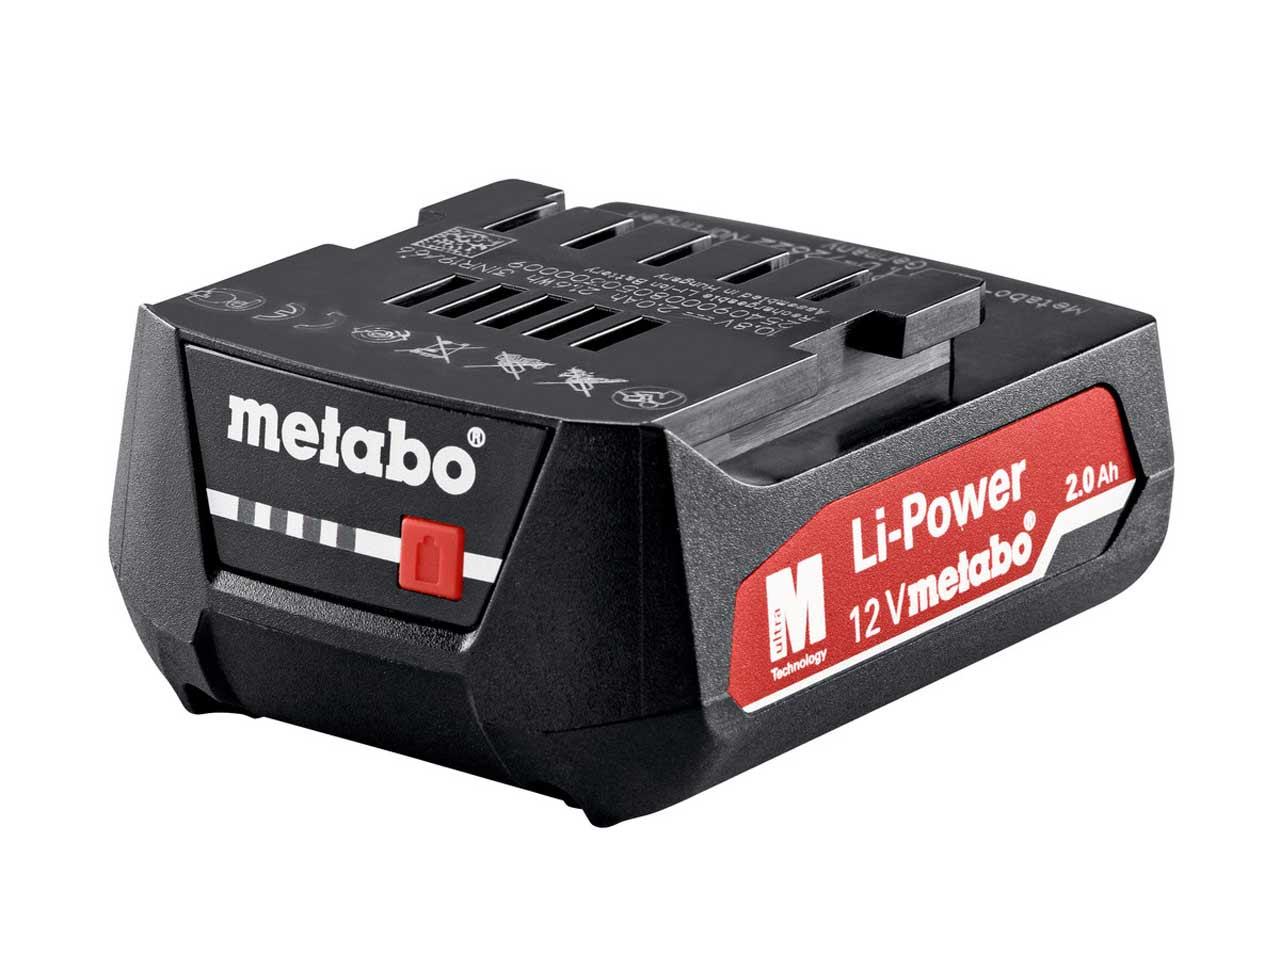 Metabo_625406000.jpg